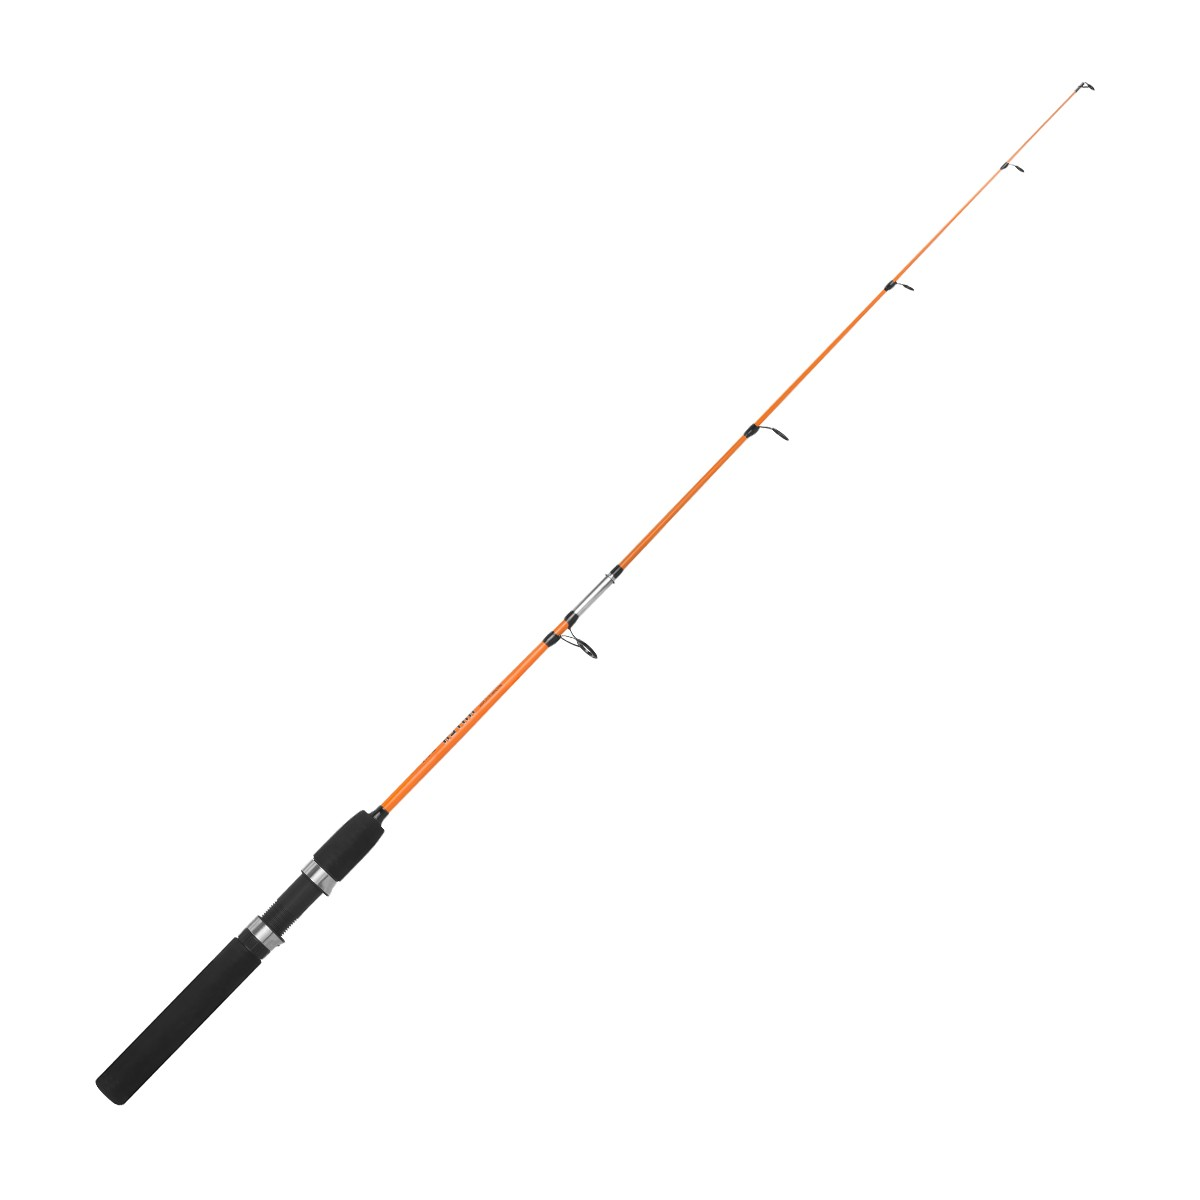 Vara Saint Astra p/ Molinete 1,65 m 17 lbs (Inteiriça)  - Pró Pesca Shop